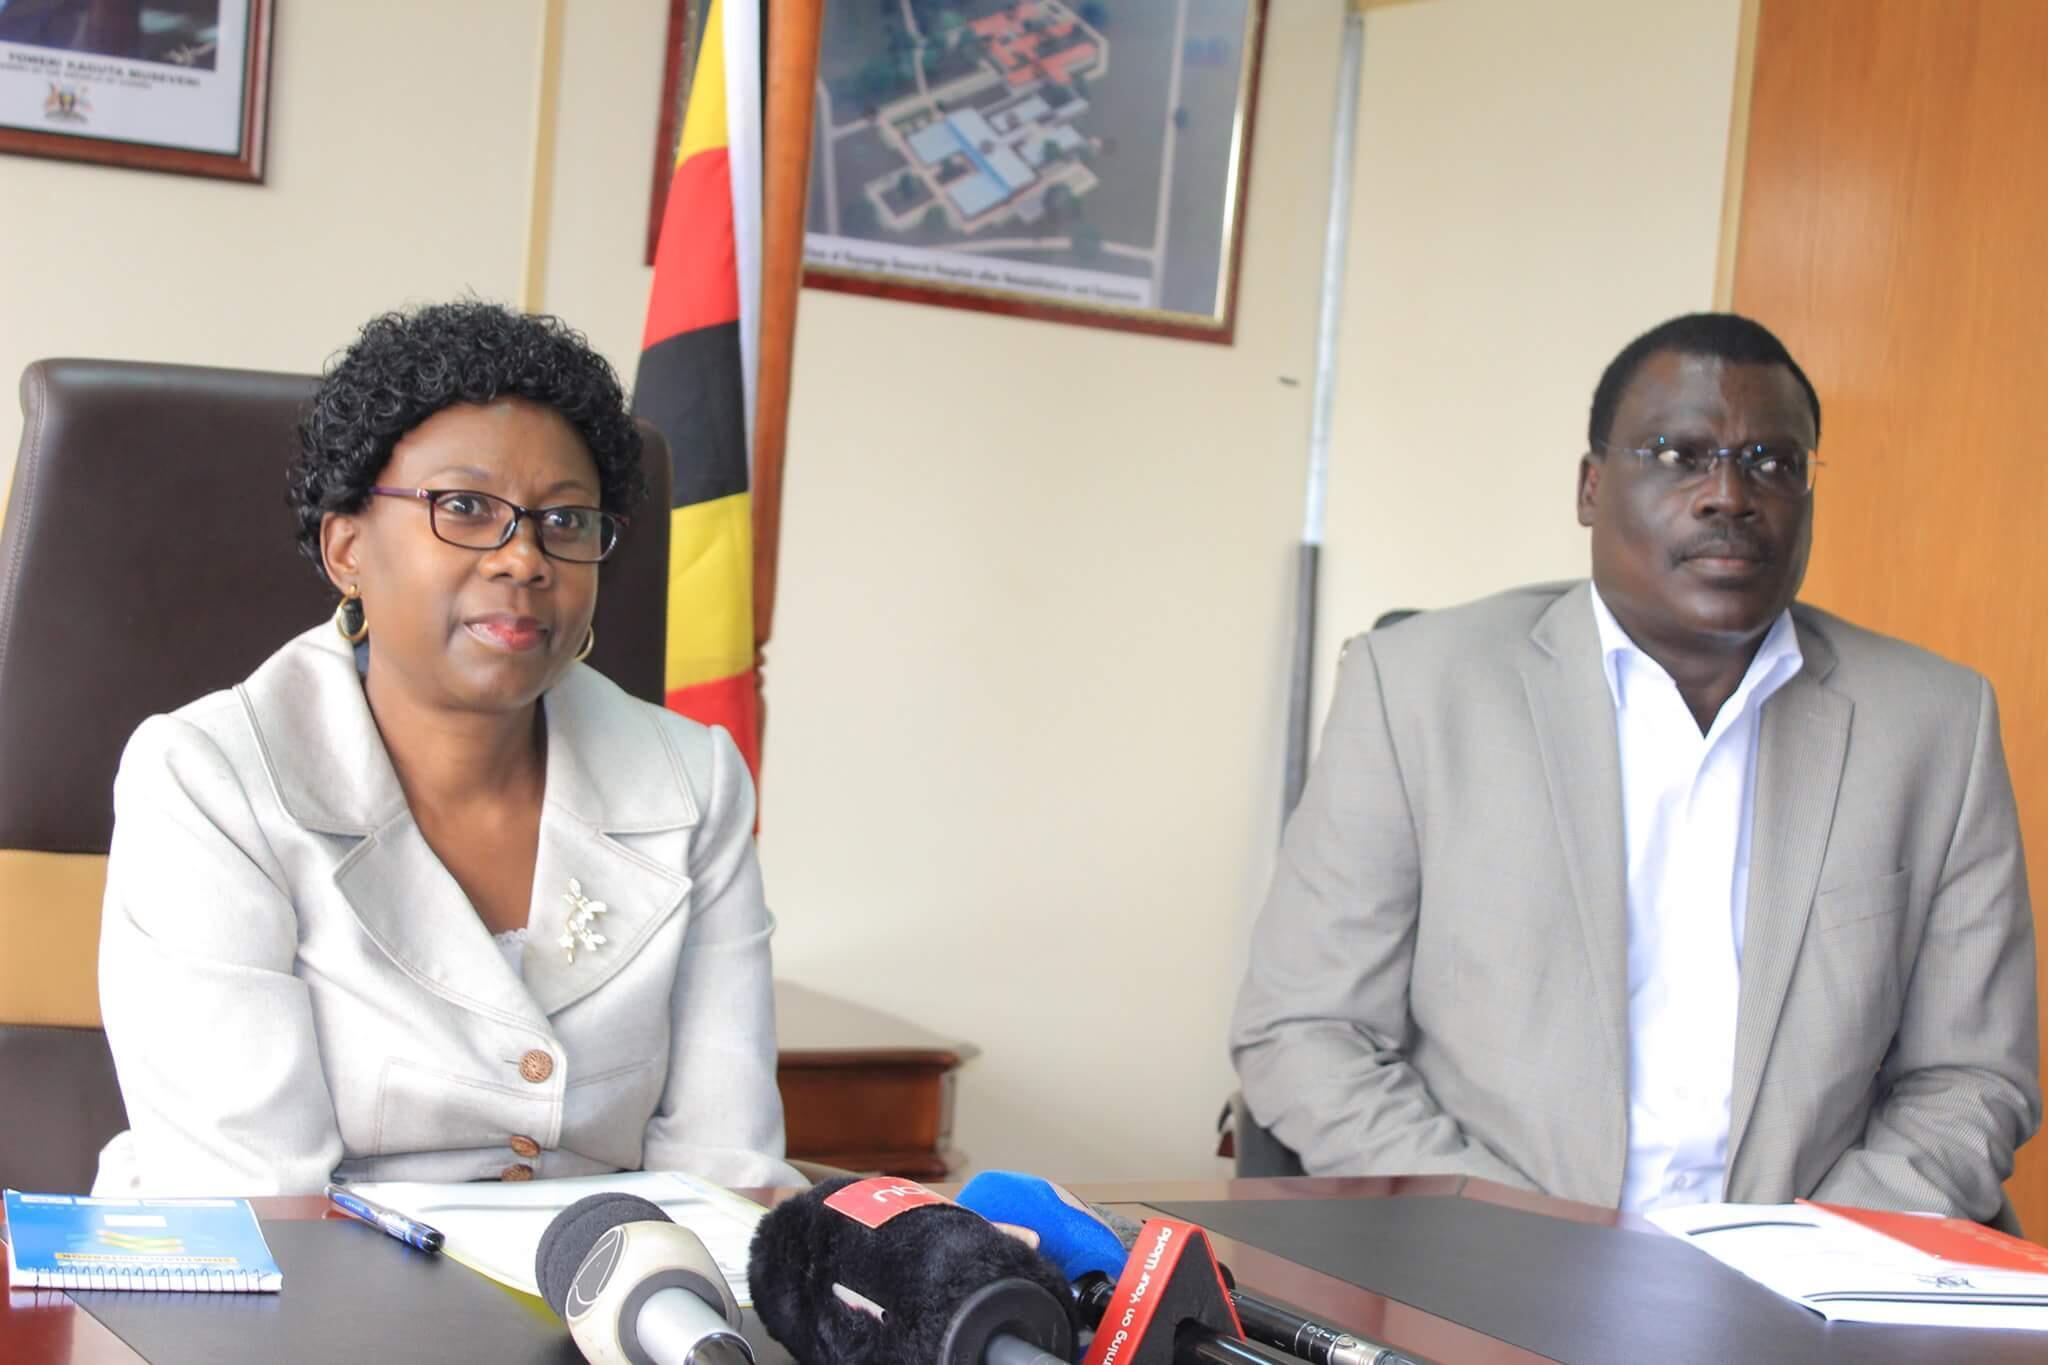 Ugandan Health Minister Dr. Jane Aceng addresses Kampala Press Conference with Dr Bernard Opar to her left